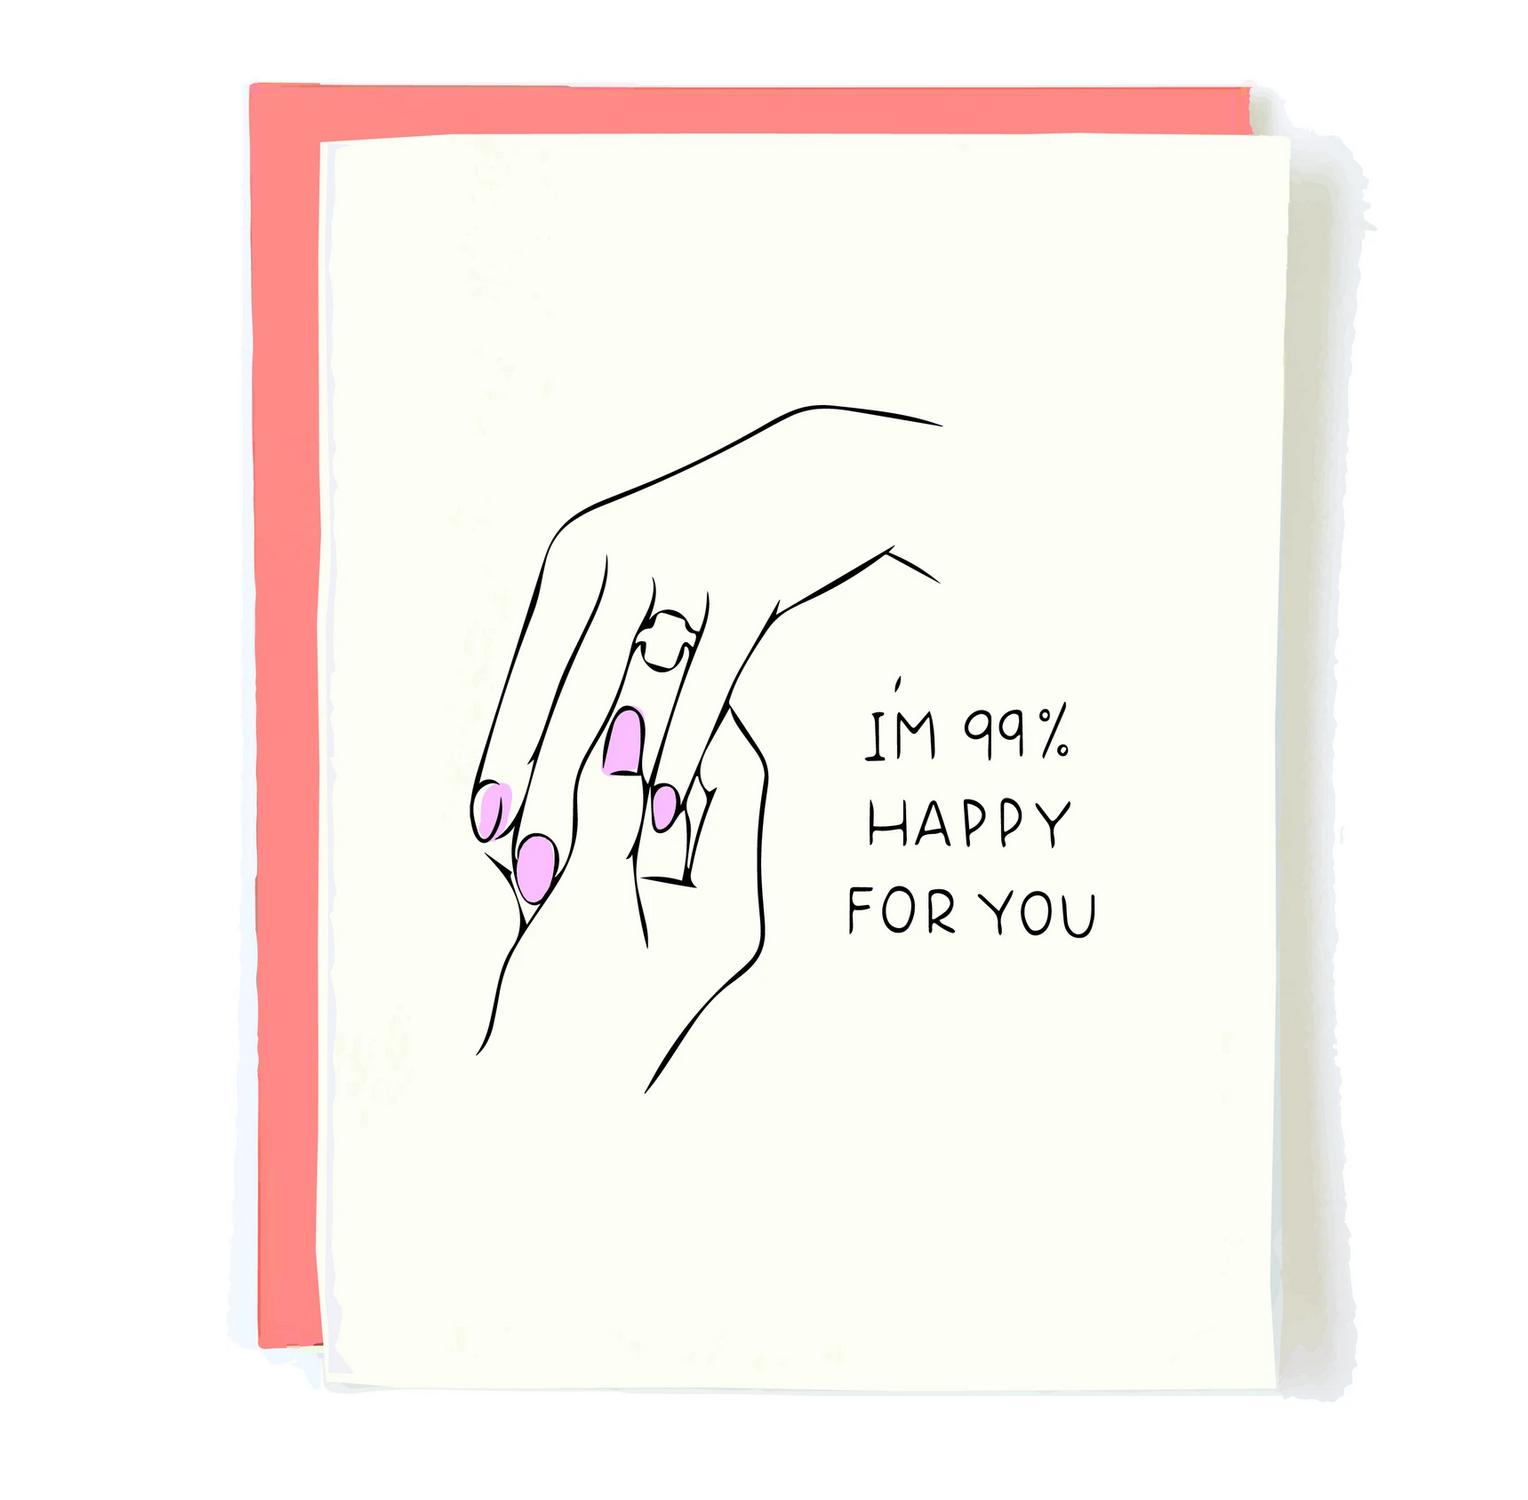 Pop + Paper 99% Happy Engagement Card